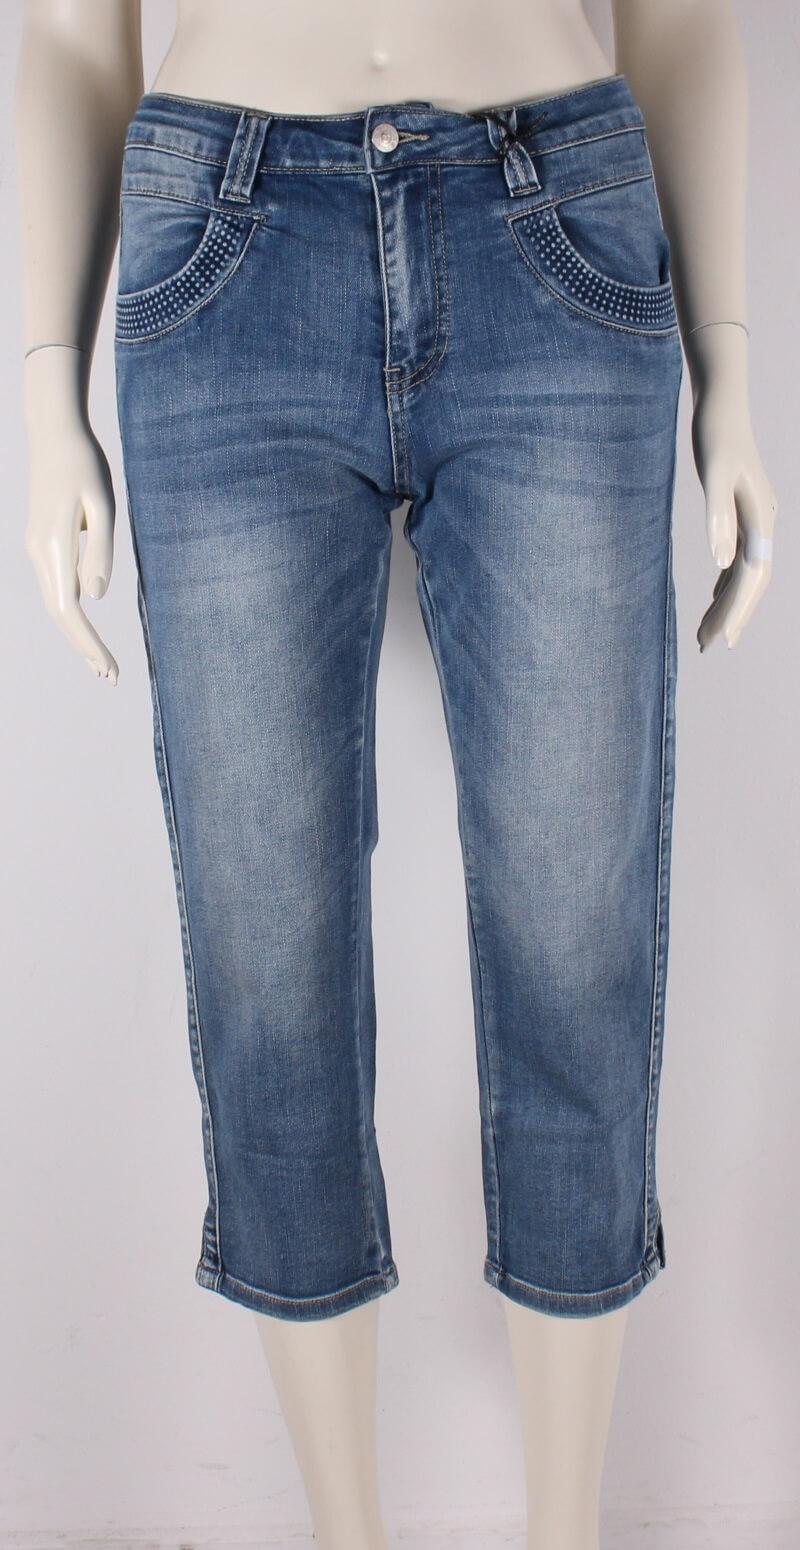 ASP – Smarte Malle 3/4 Dame Jeans – Lyseblå Denim